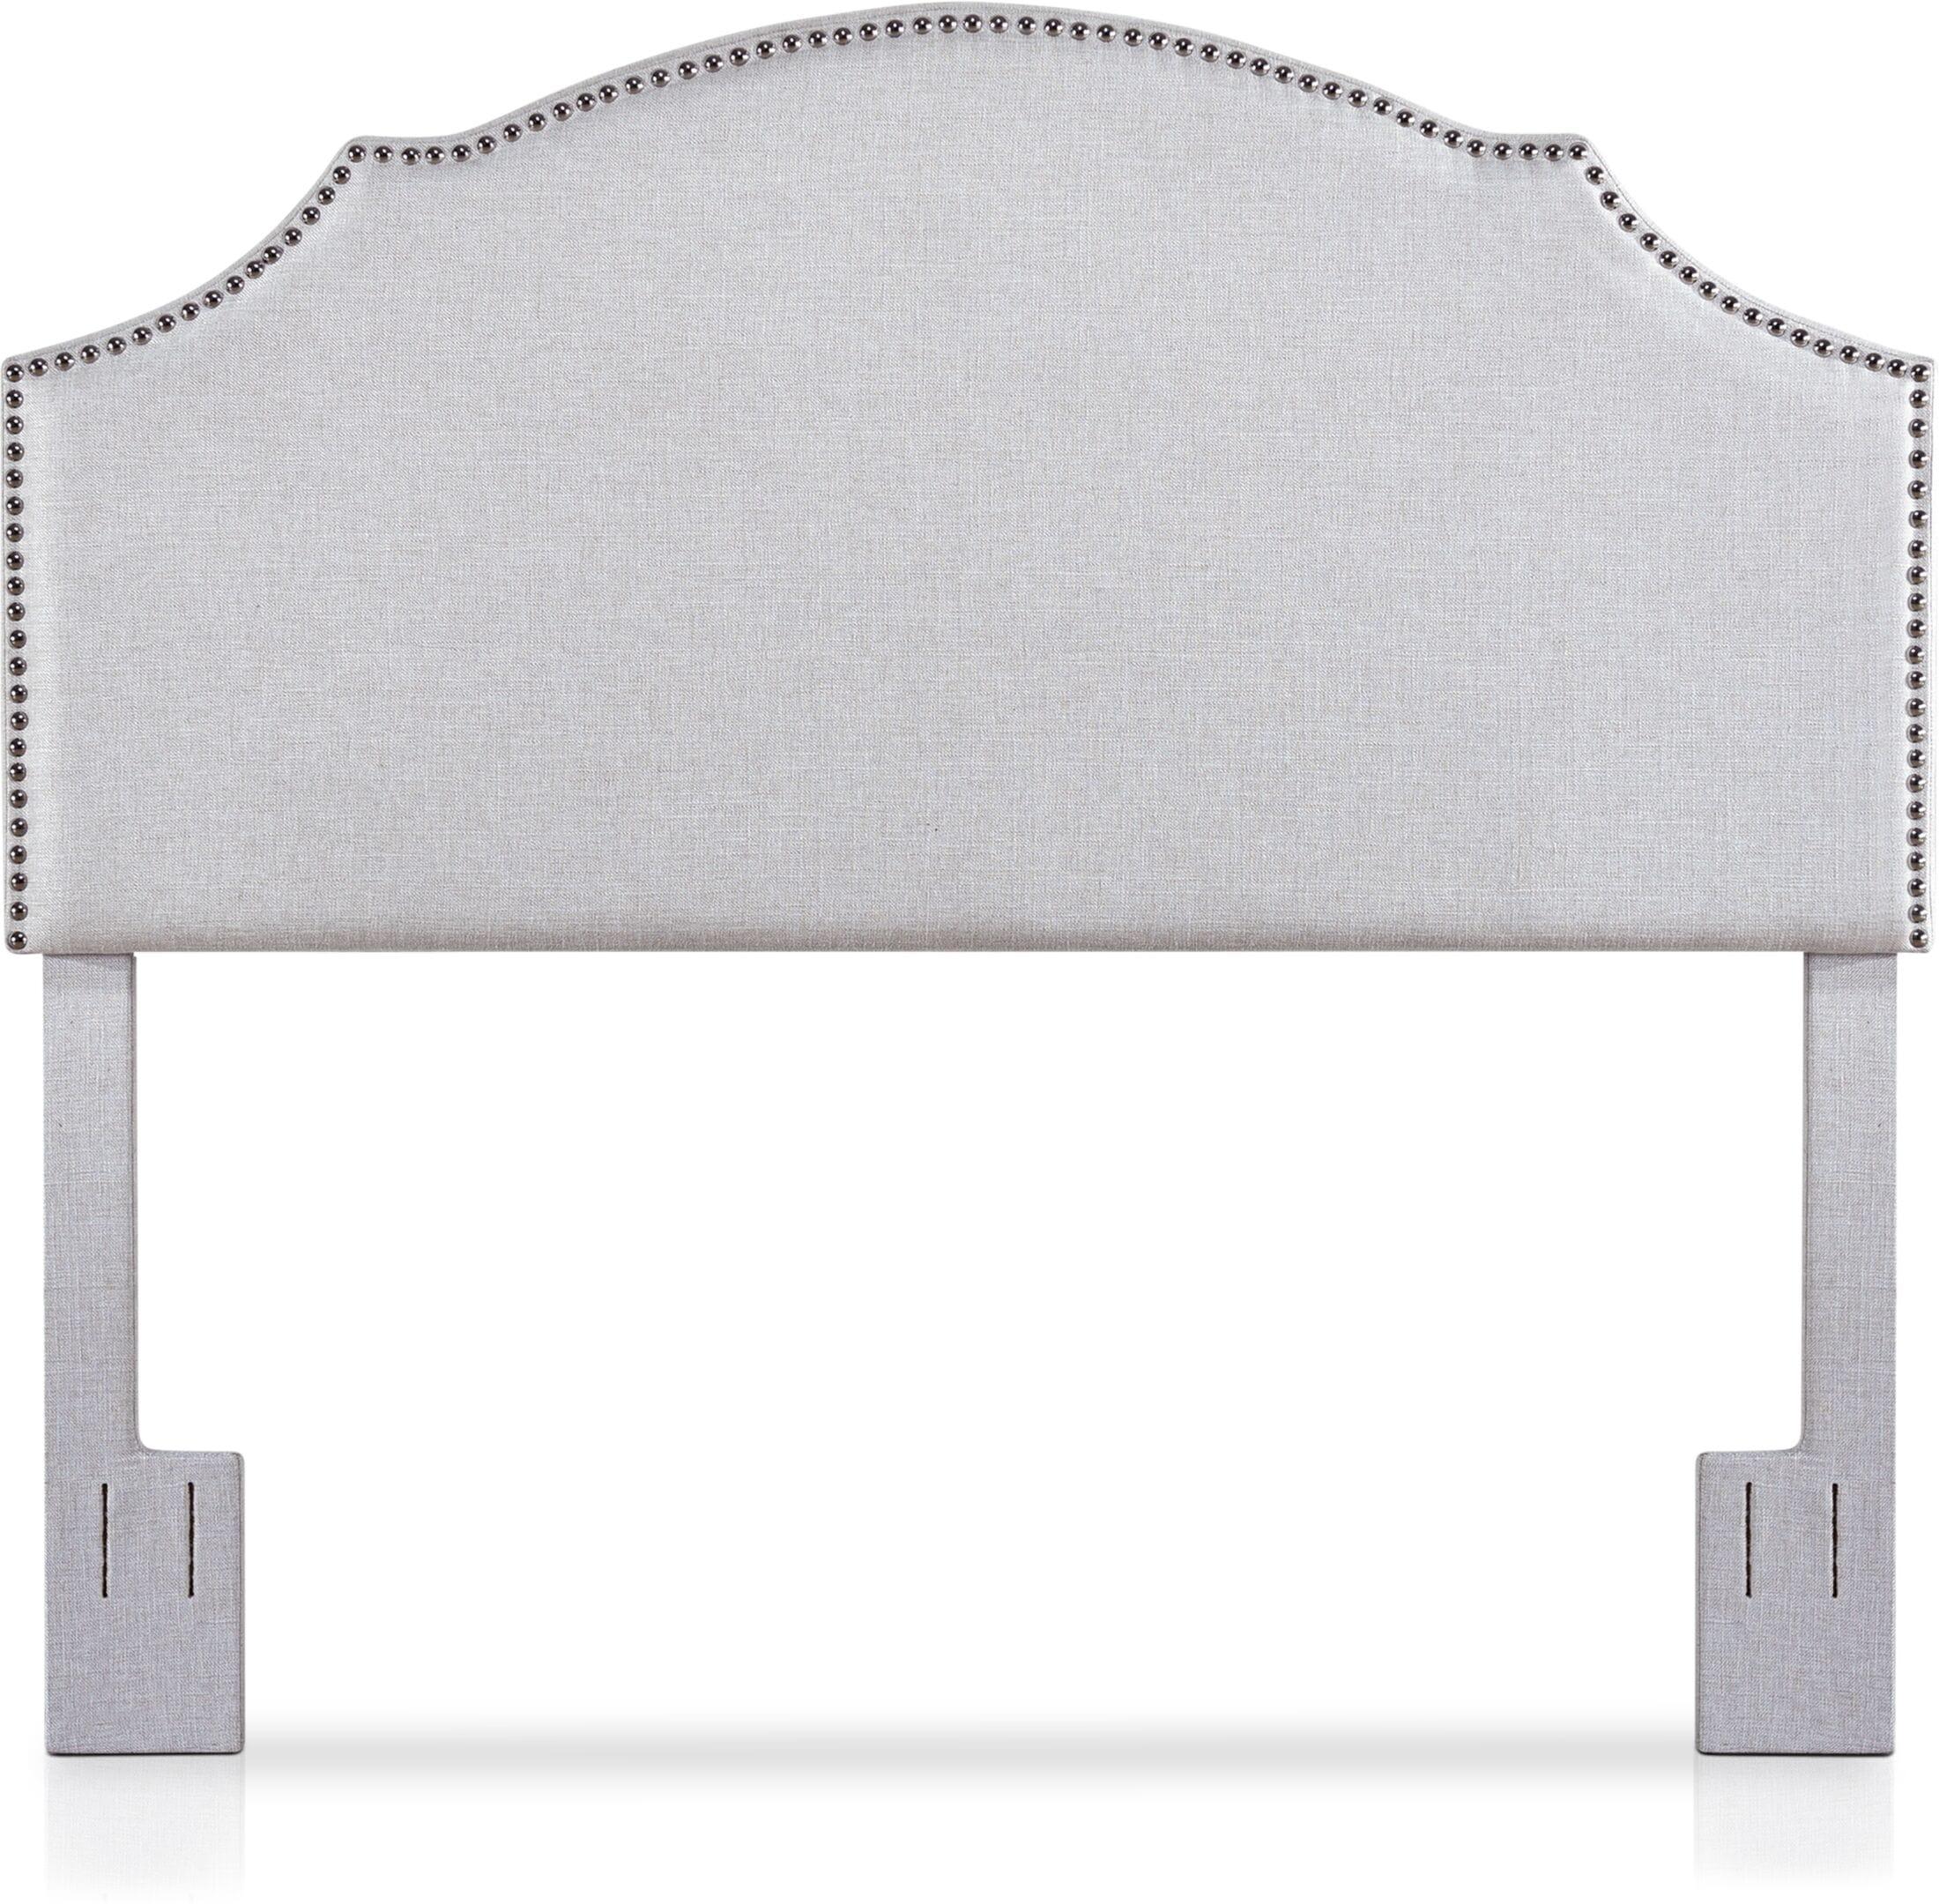 Bedroom Furniture - Luna Upholstered Headboard